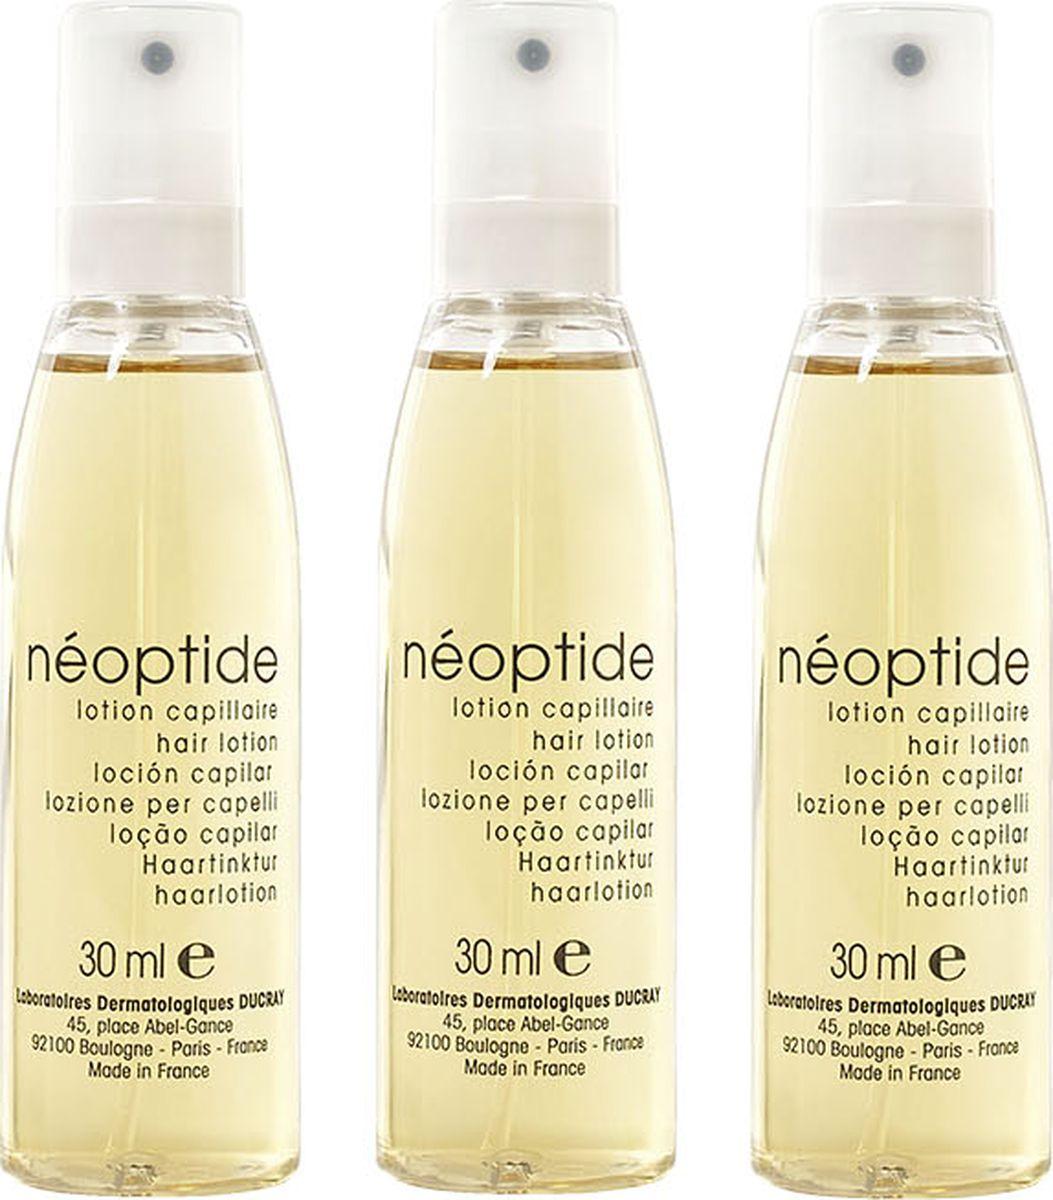 Ducray Лосьон Neoptide от выпадения волос 3 х 30 мл19018Стимулирующий лосьон Neoptide (Неоптид) целенаправленно воздействует на фазу роста волоса у женщин. ТЕТРАПЕПТИД, ЭКСТРАКТ РУСКУСА НИКОТИНАМИД и МОЛЕКУЛА GP4G эффективно останавливают выпадение волос и стимулируют рост новых за счёт улучшения обменных процессов в волосяной луковице. Легкая текстура отлично подходит для ежедневного использования, так как не склеивает и не утяжеляет волосы. Продукт не требует смывания.